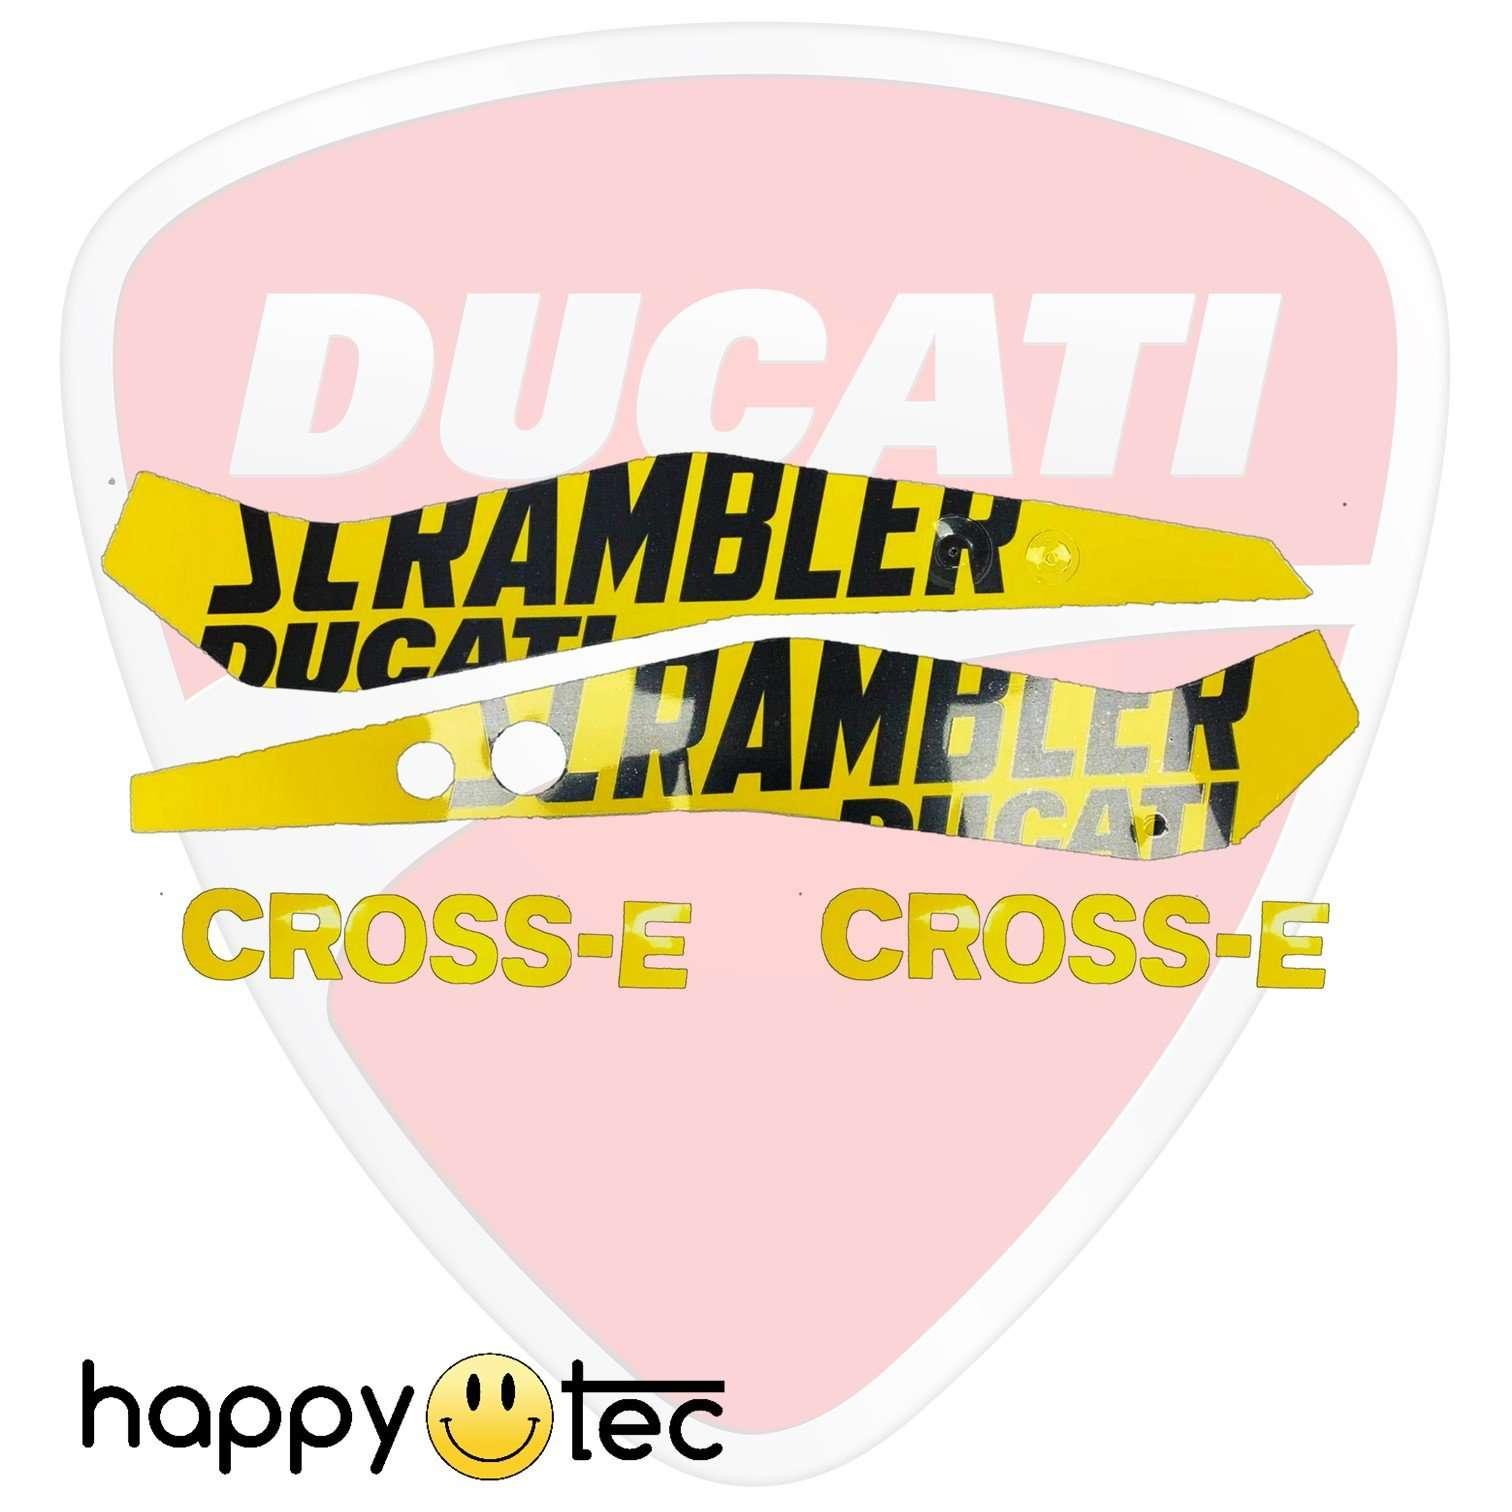 Kit adesivi originali per Ducati Scrambler Cross-E